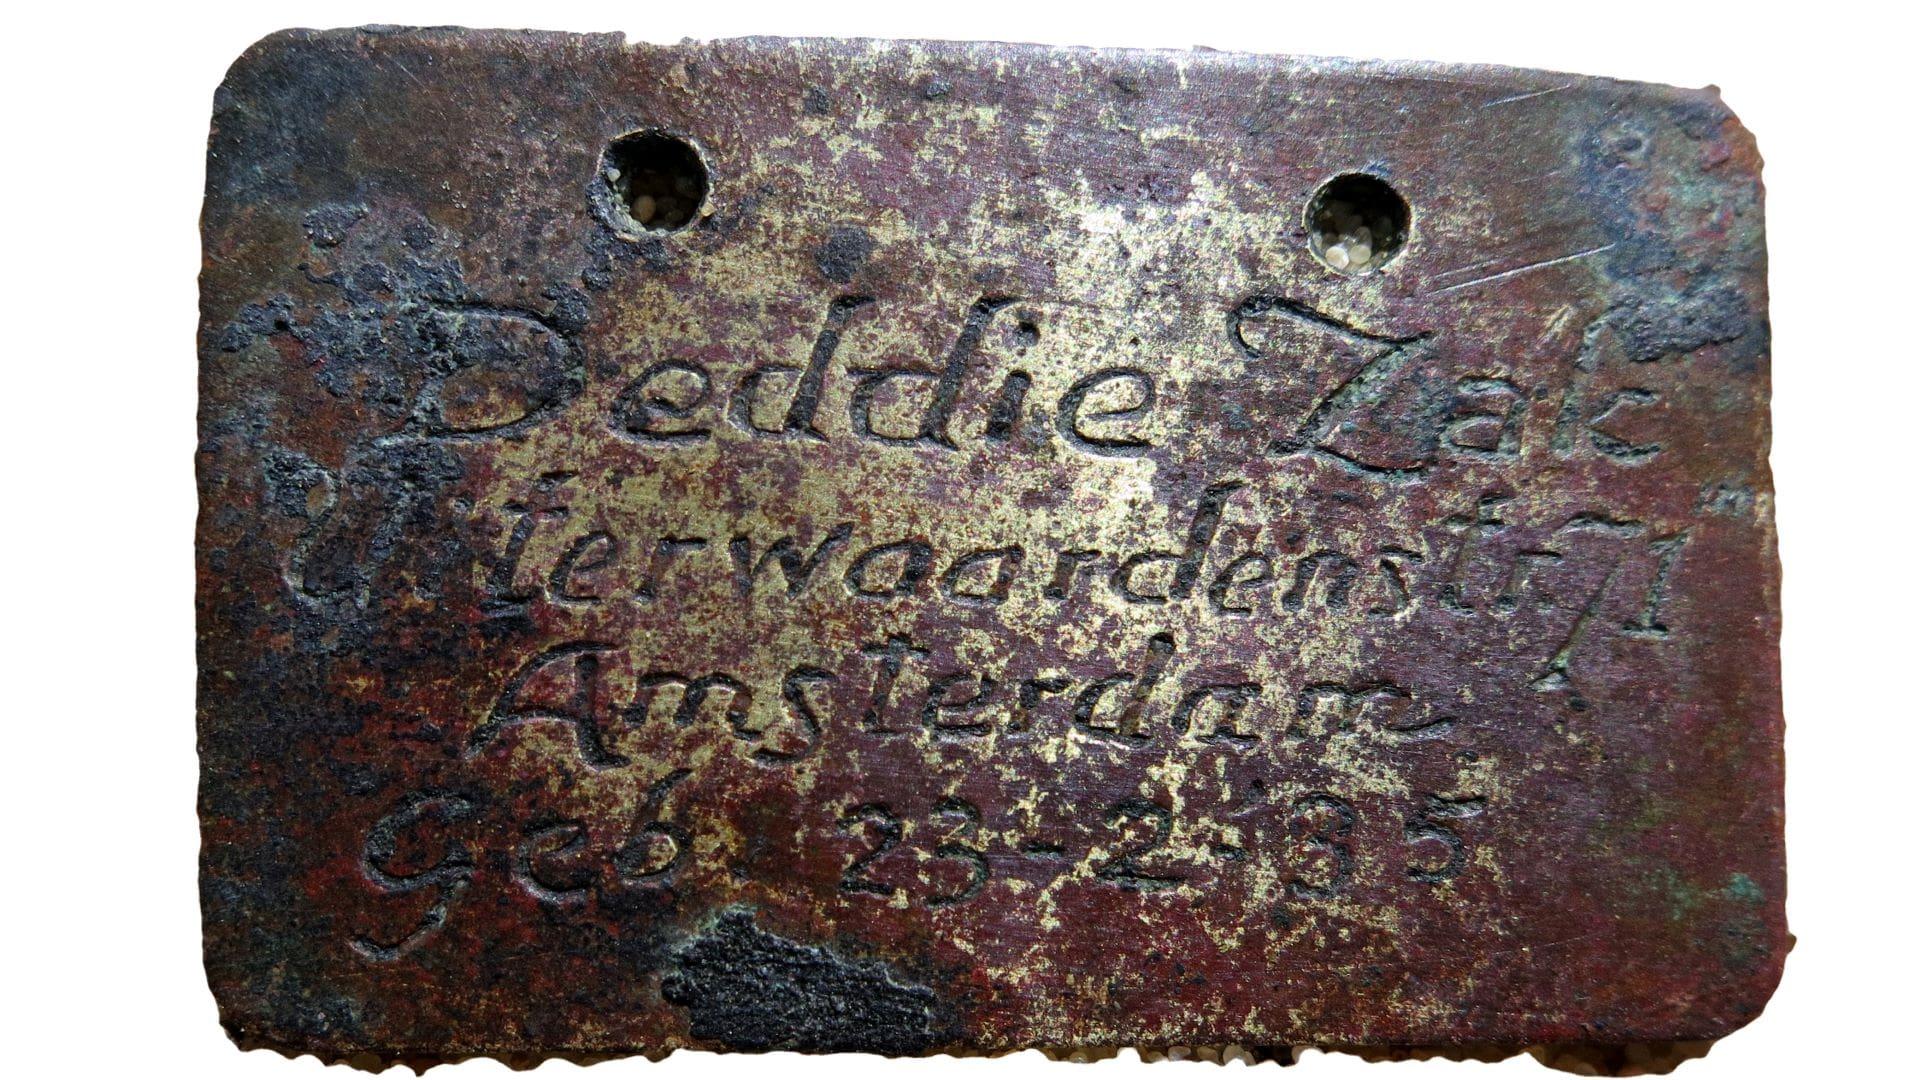 İsim etiketleri çocukların aileleri tarafından yaptırılmıştır.